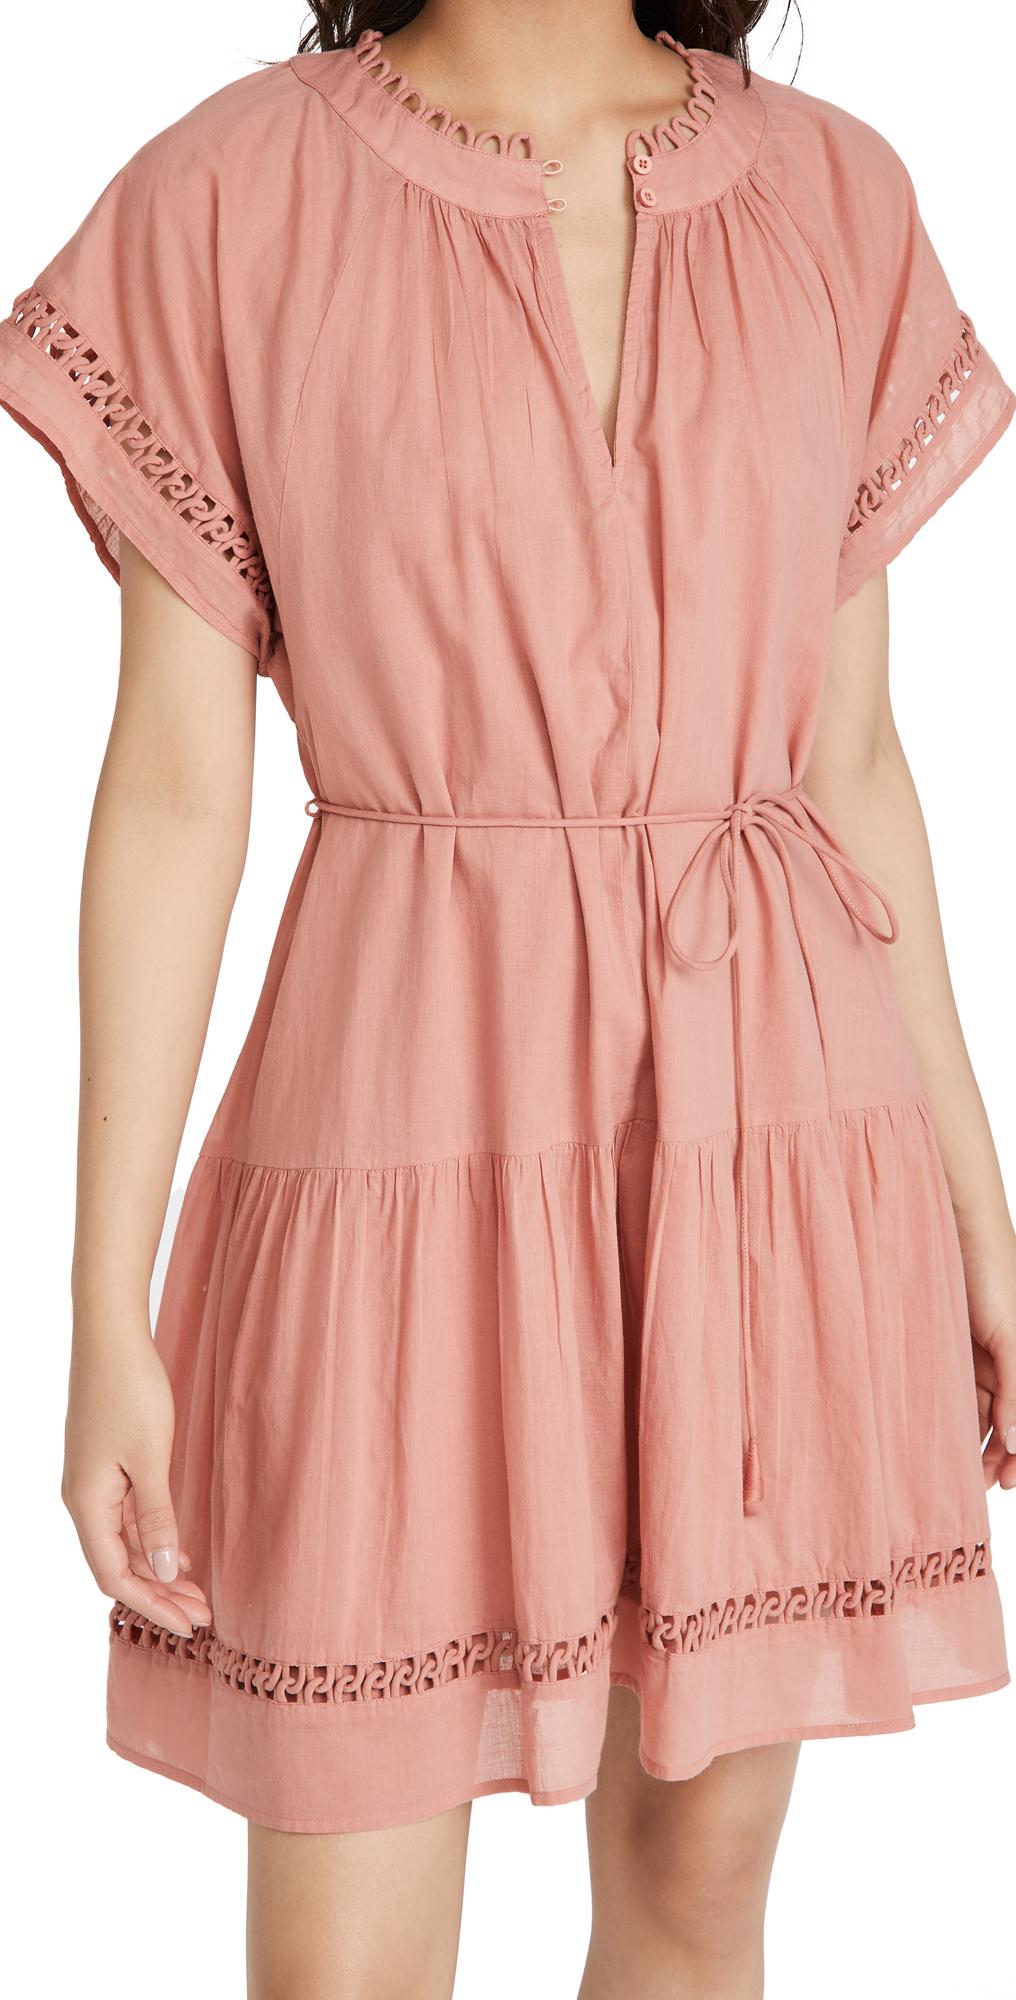 Nyang Nyang Dress